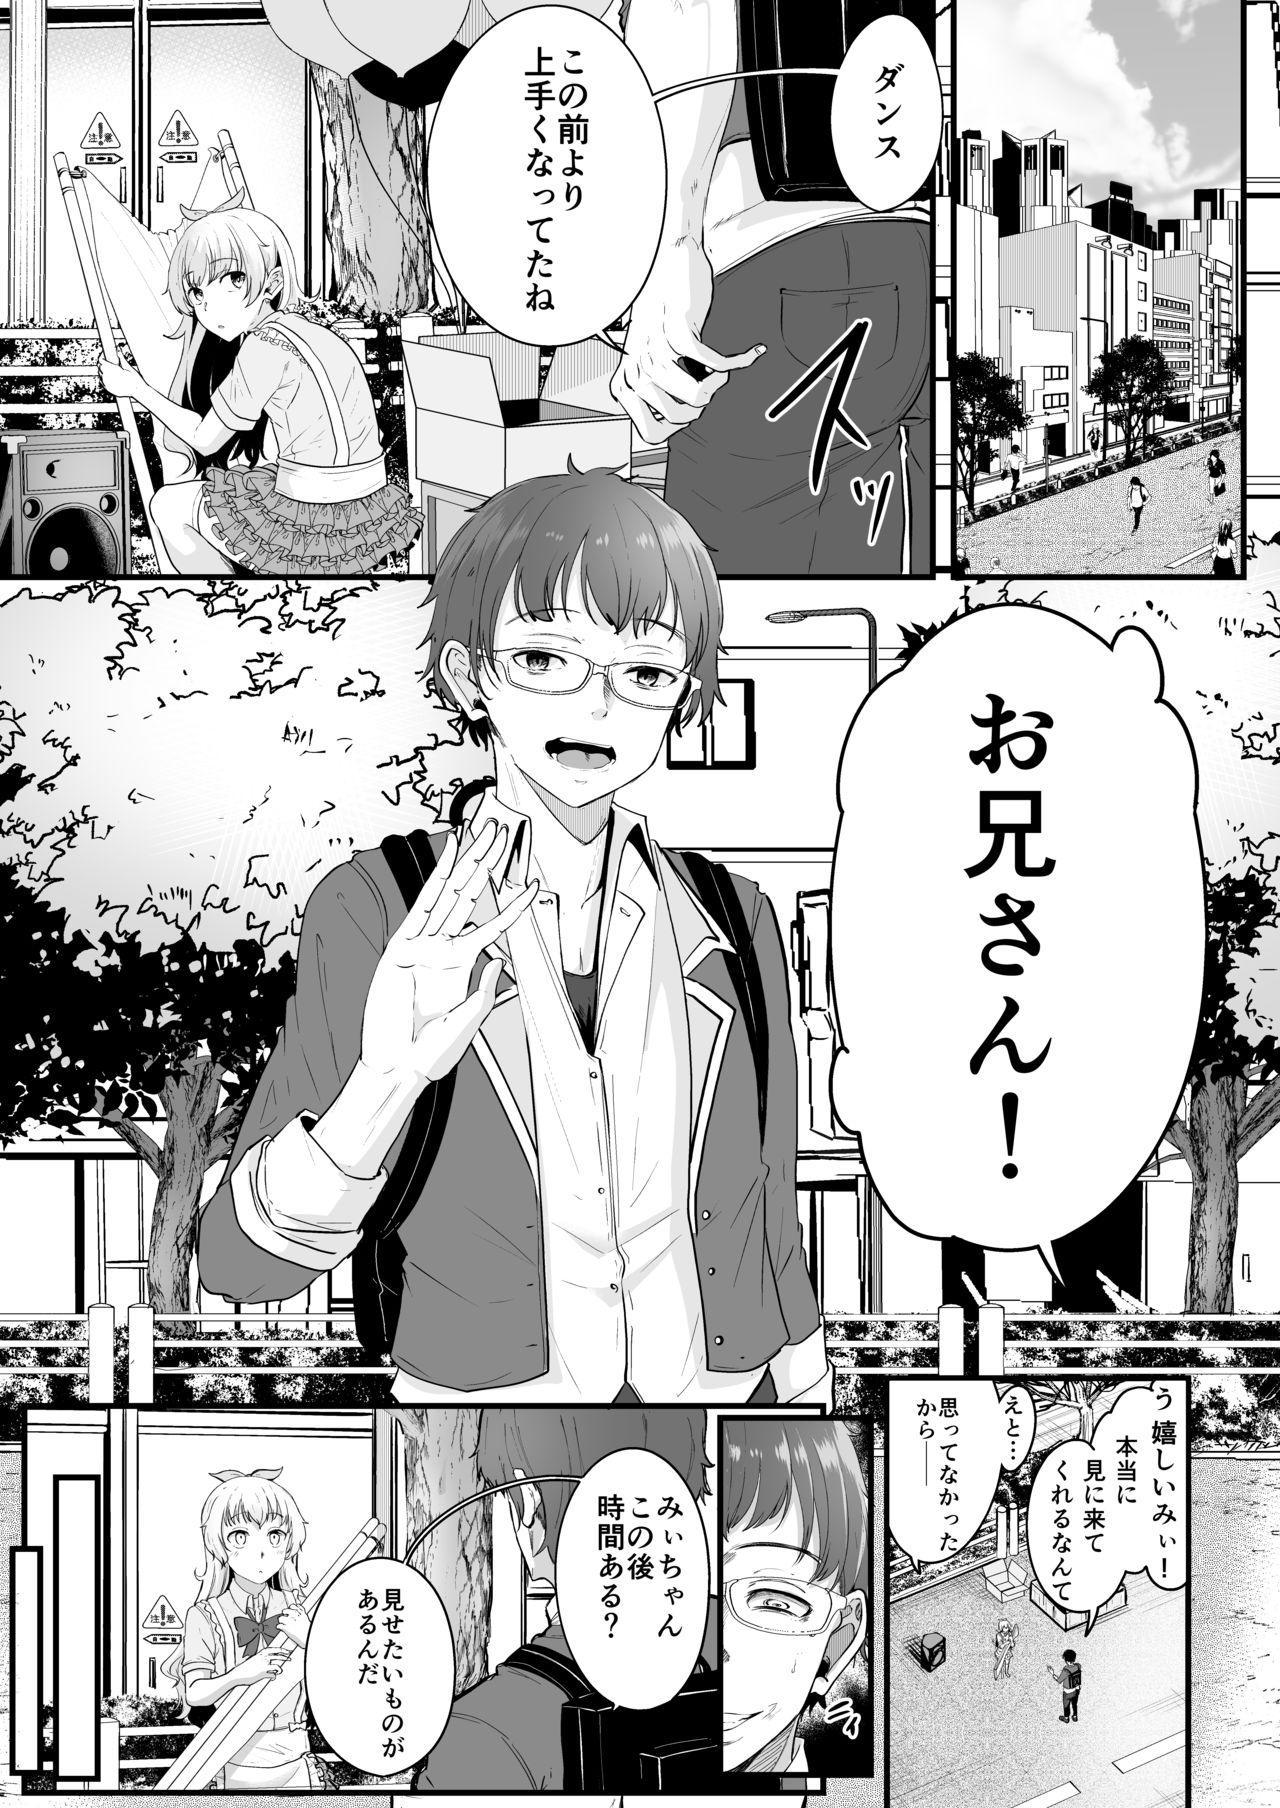 Mii Senpai ga Shojomaku Collector ni Shojomaku o Ubawareru Hon 5